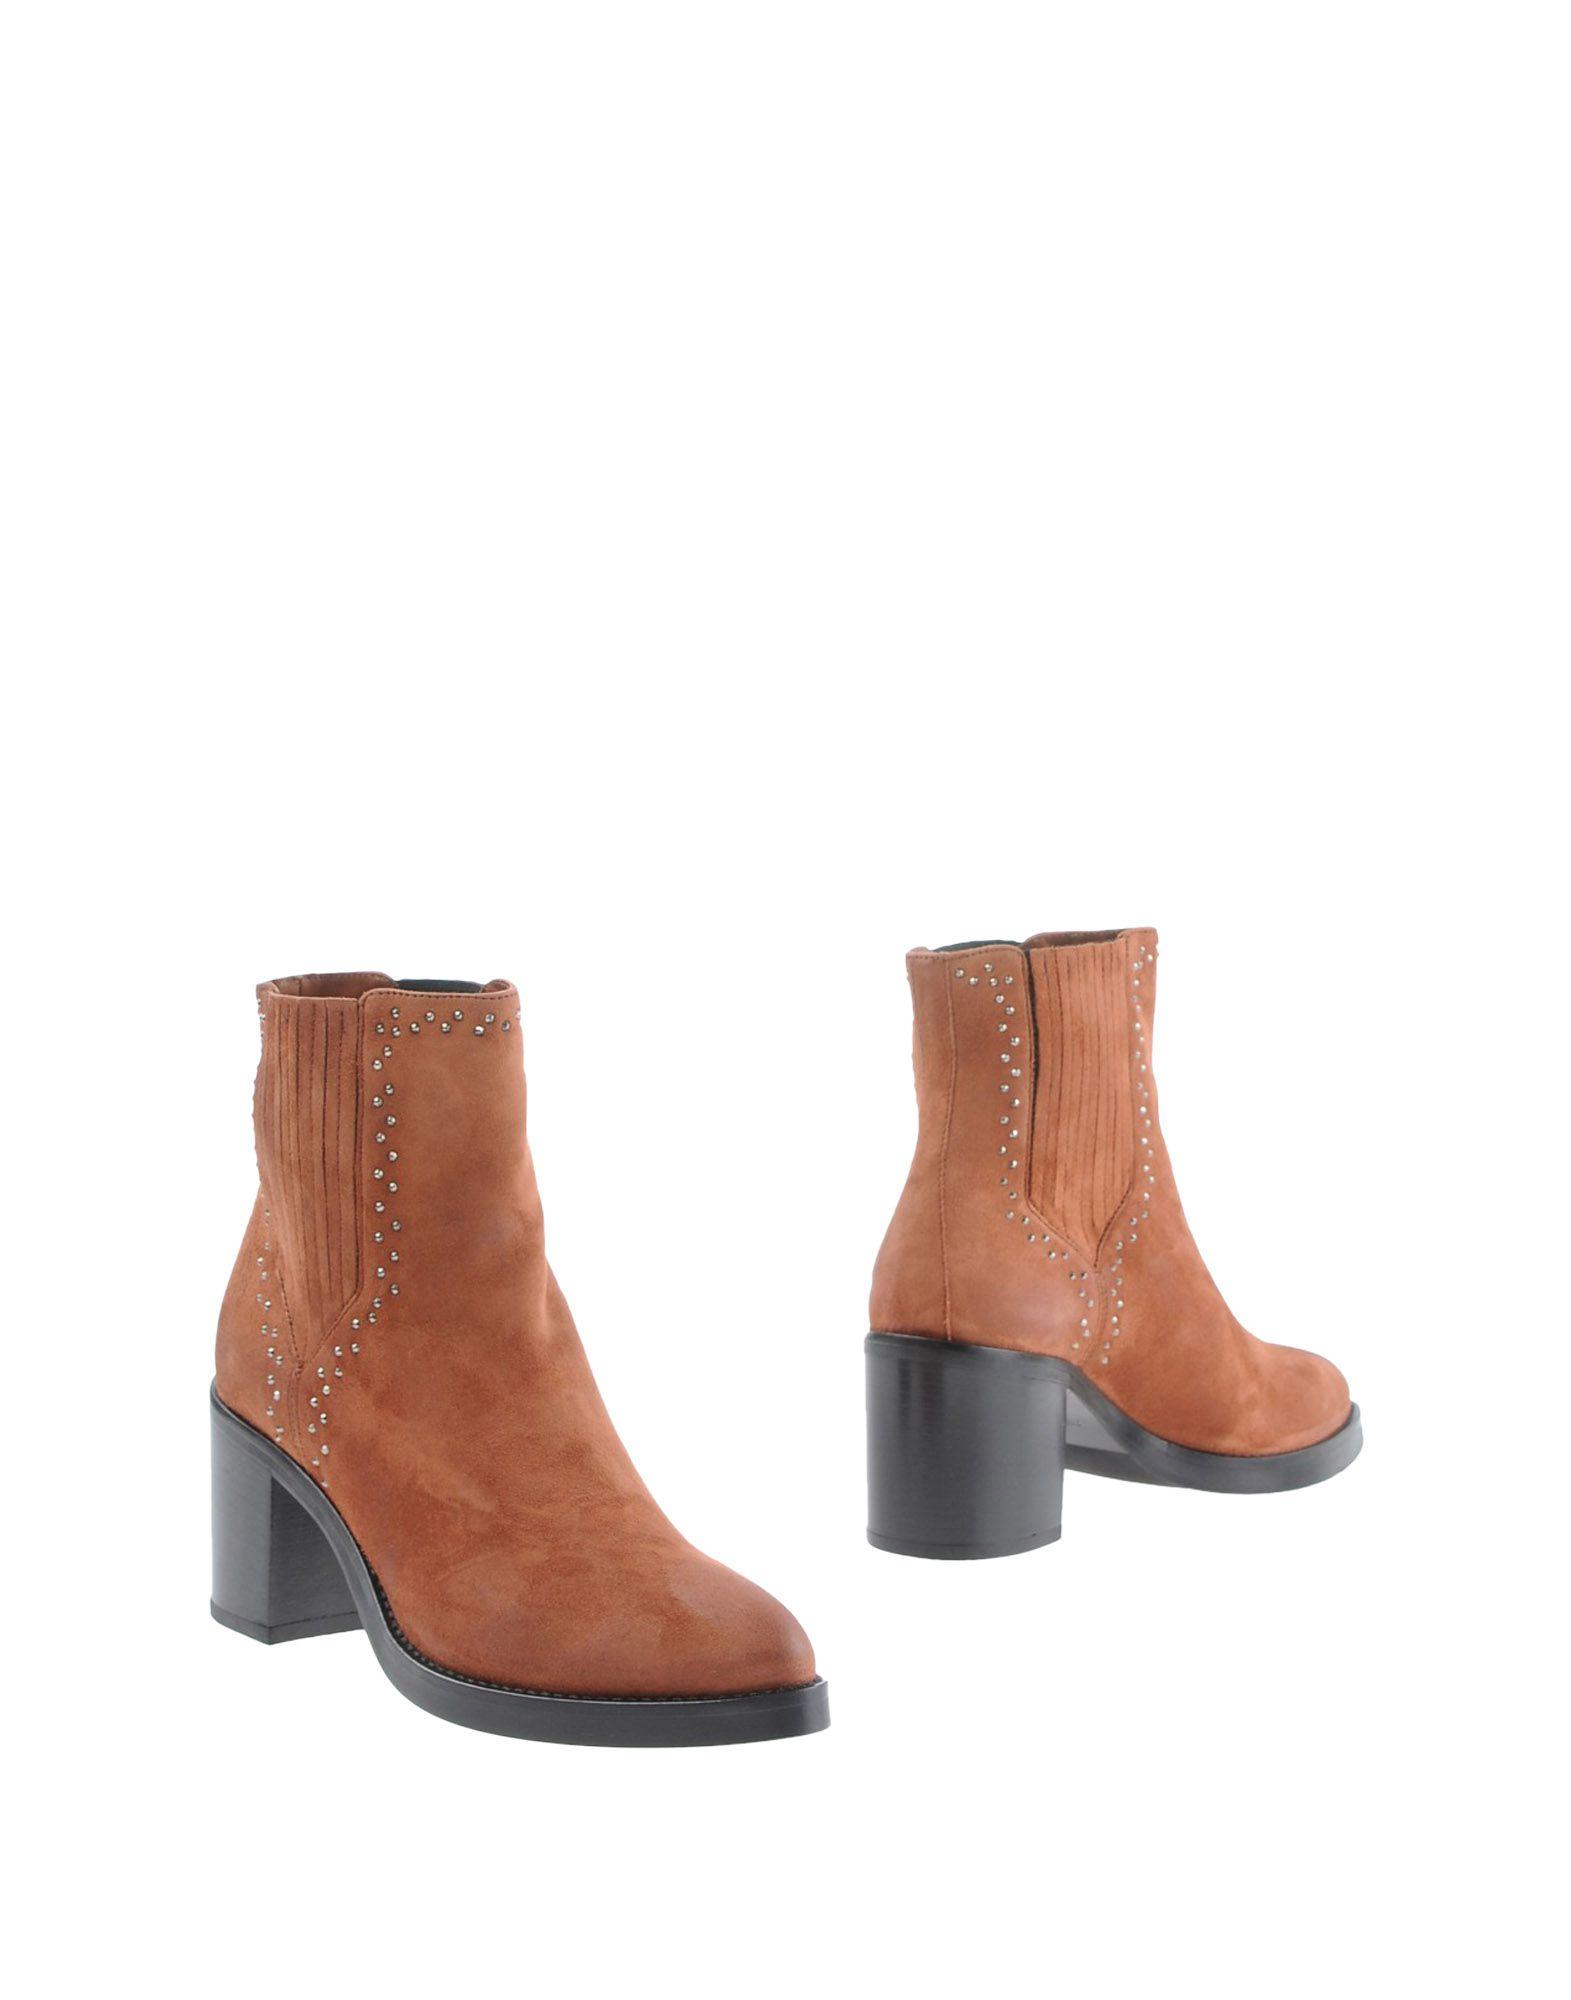 Janet & Janet es Chelsea Boots Damen Gutes Preis-Leistungs-Verhältnis, es Janet lohnt sich,Sonderangebot-3550 4bbb15